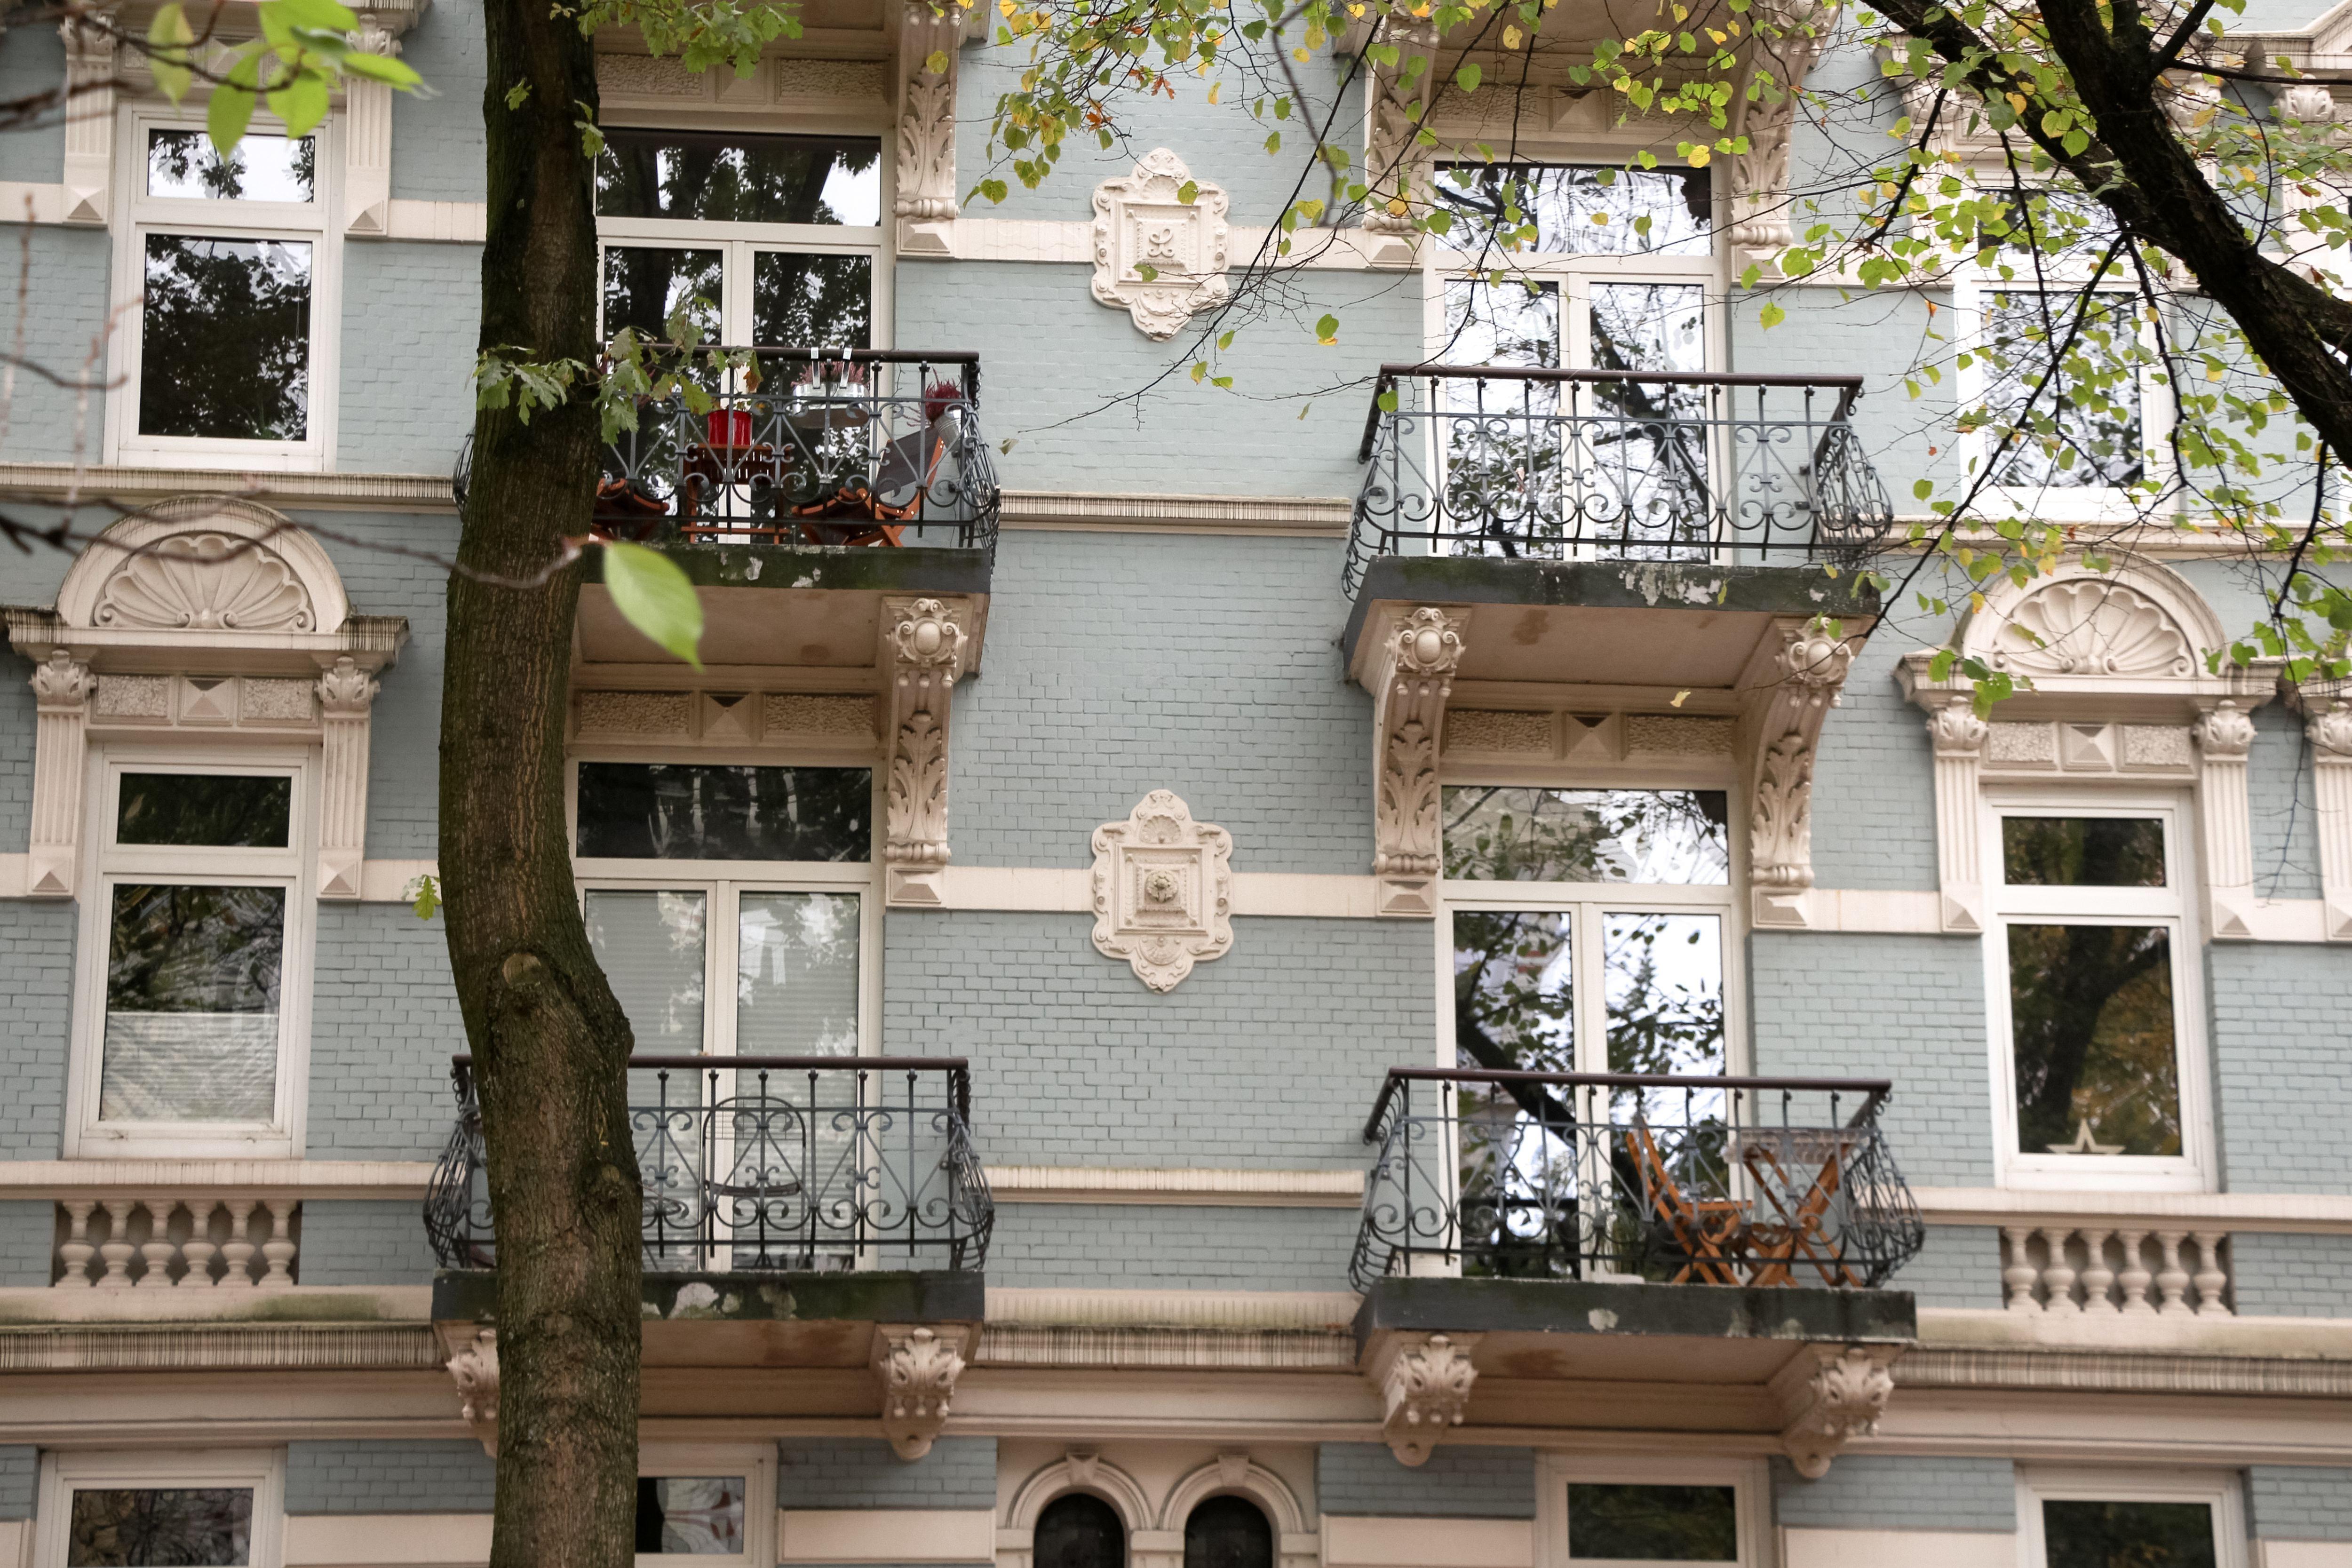 Typisch für Eimsbüttel und damit auch in der Lappenbergsallee zu finden: verzierte Balkone an schönen Altbauhäusern. Foto: Alicia Wischhusen